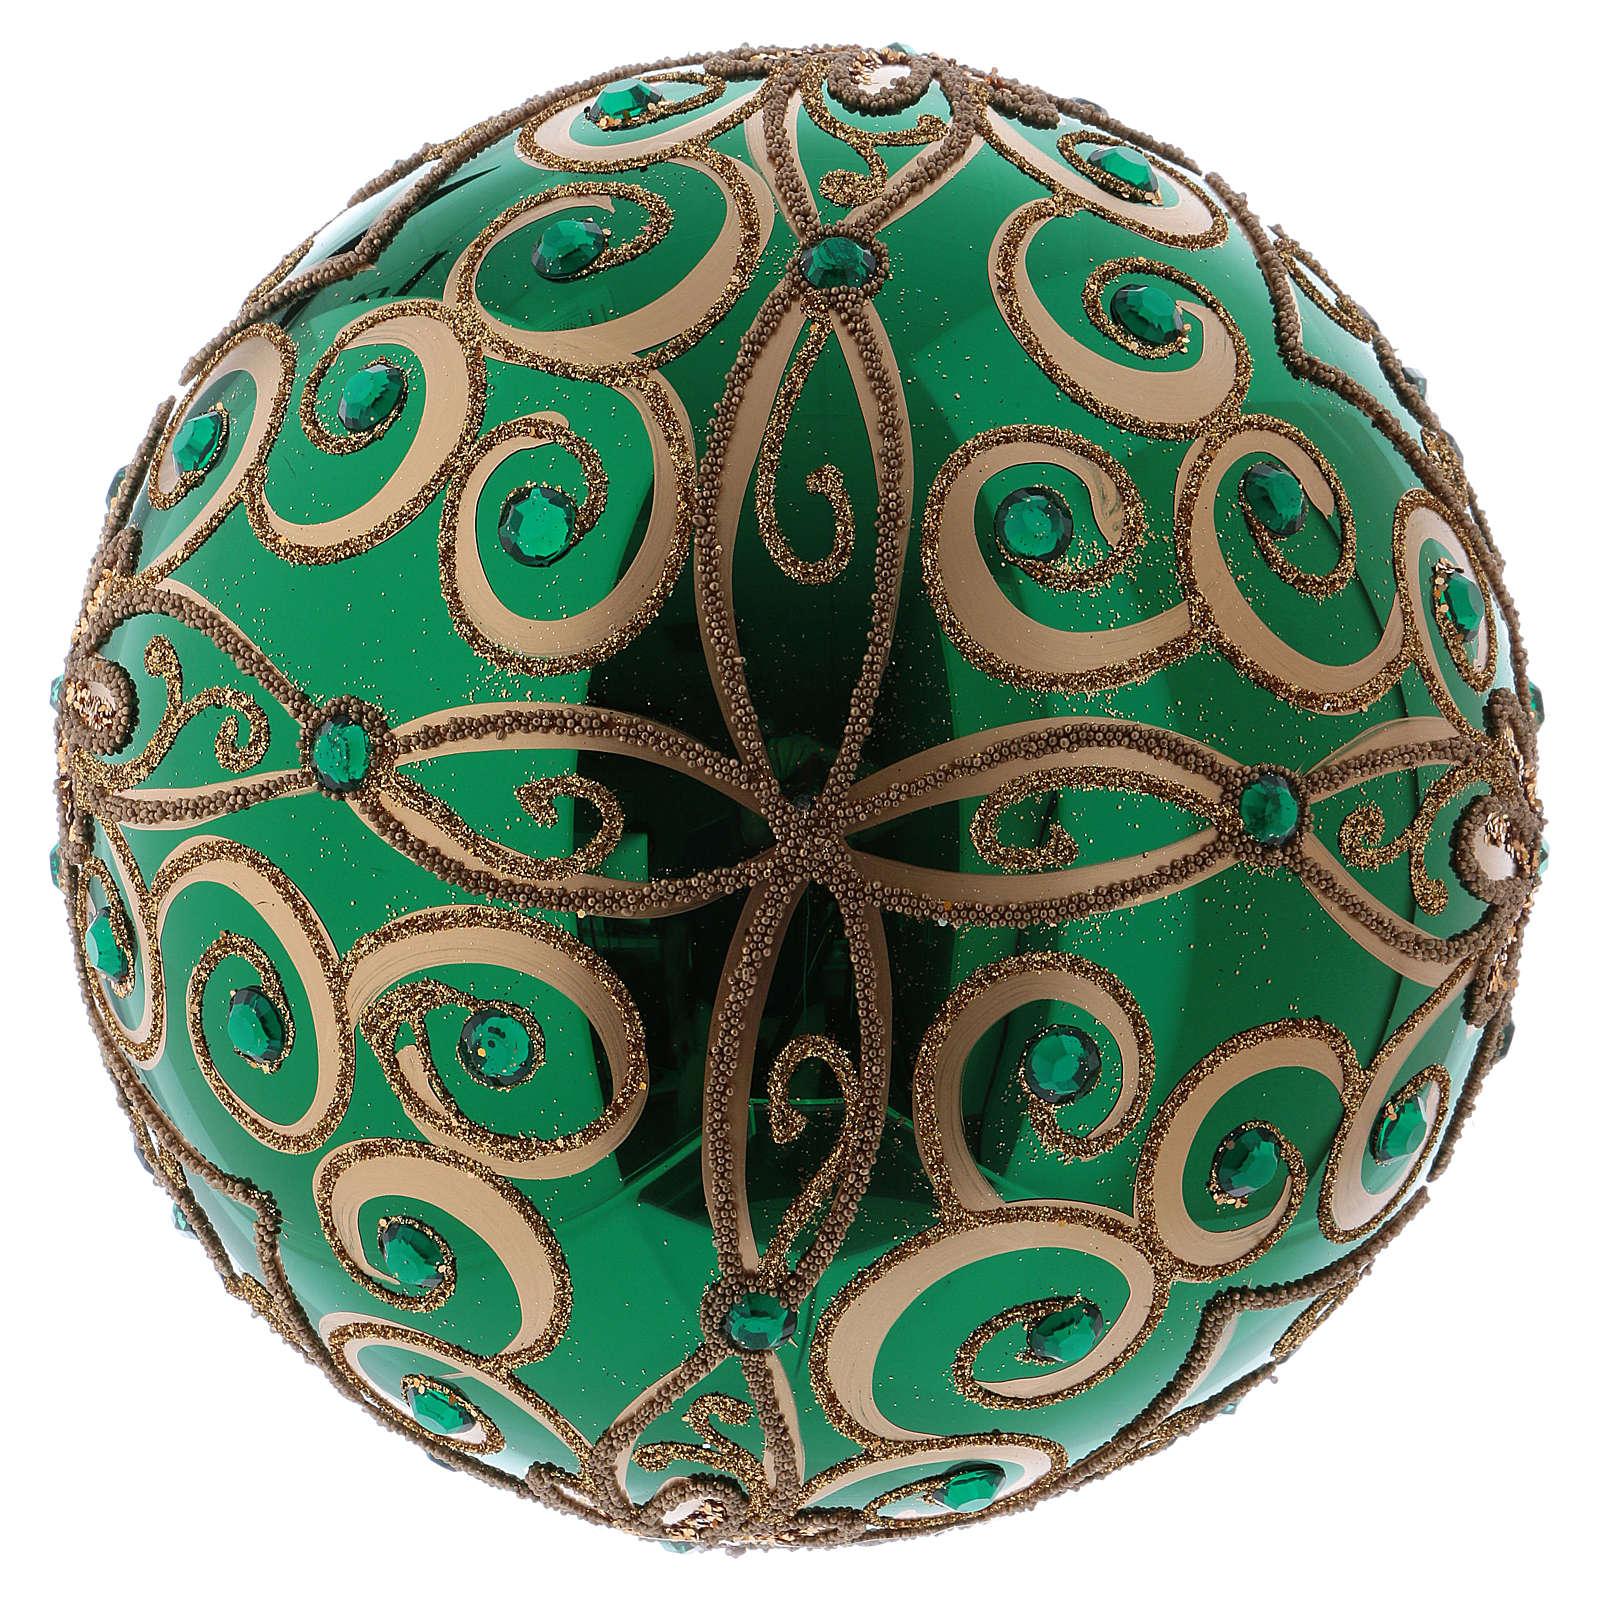 Bola Navidad vidrio soplado 200 mm verde motivos florales dorados 4